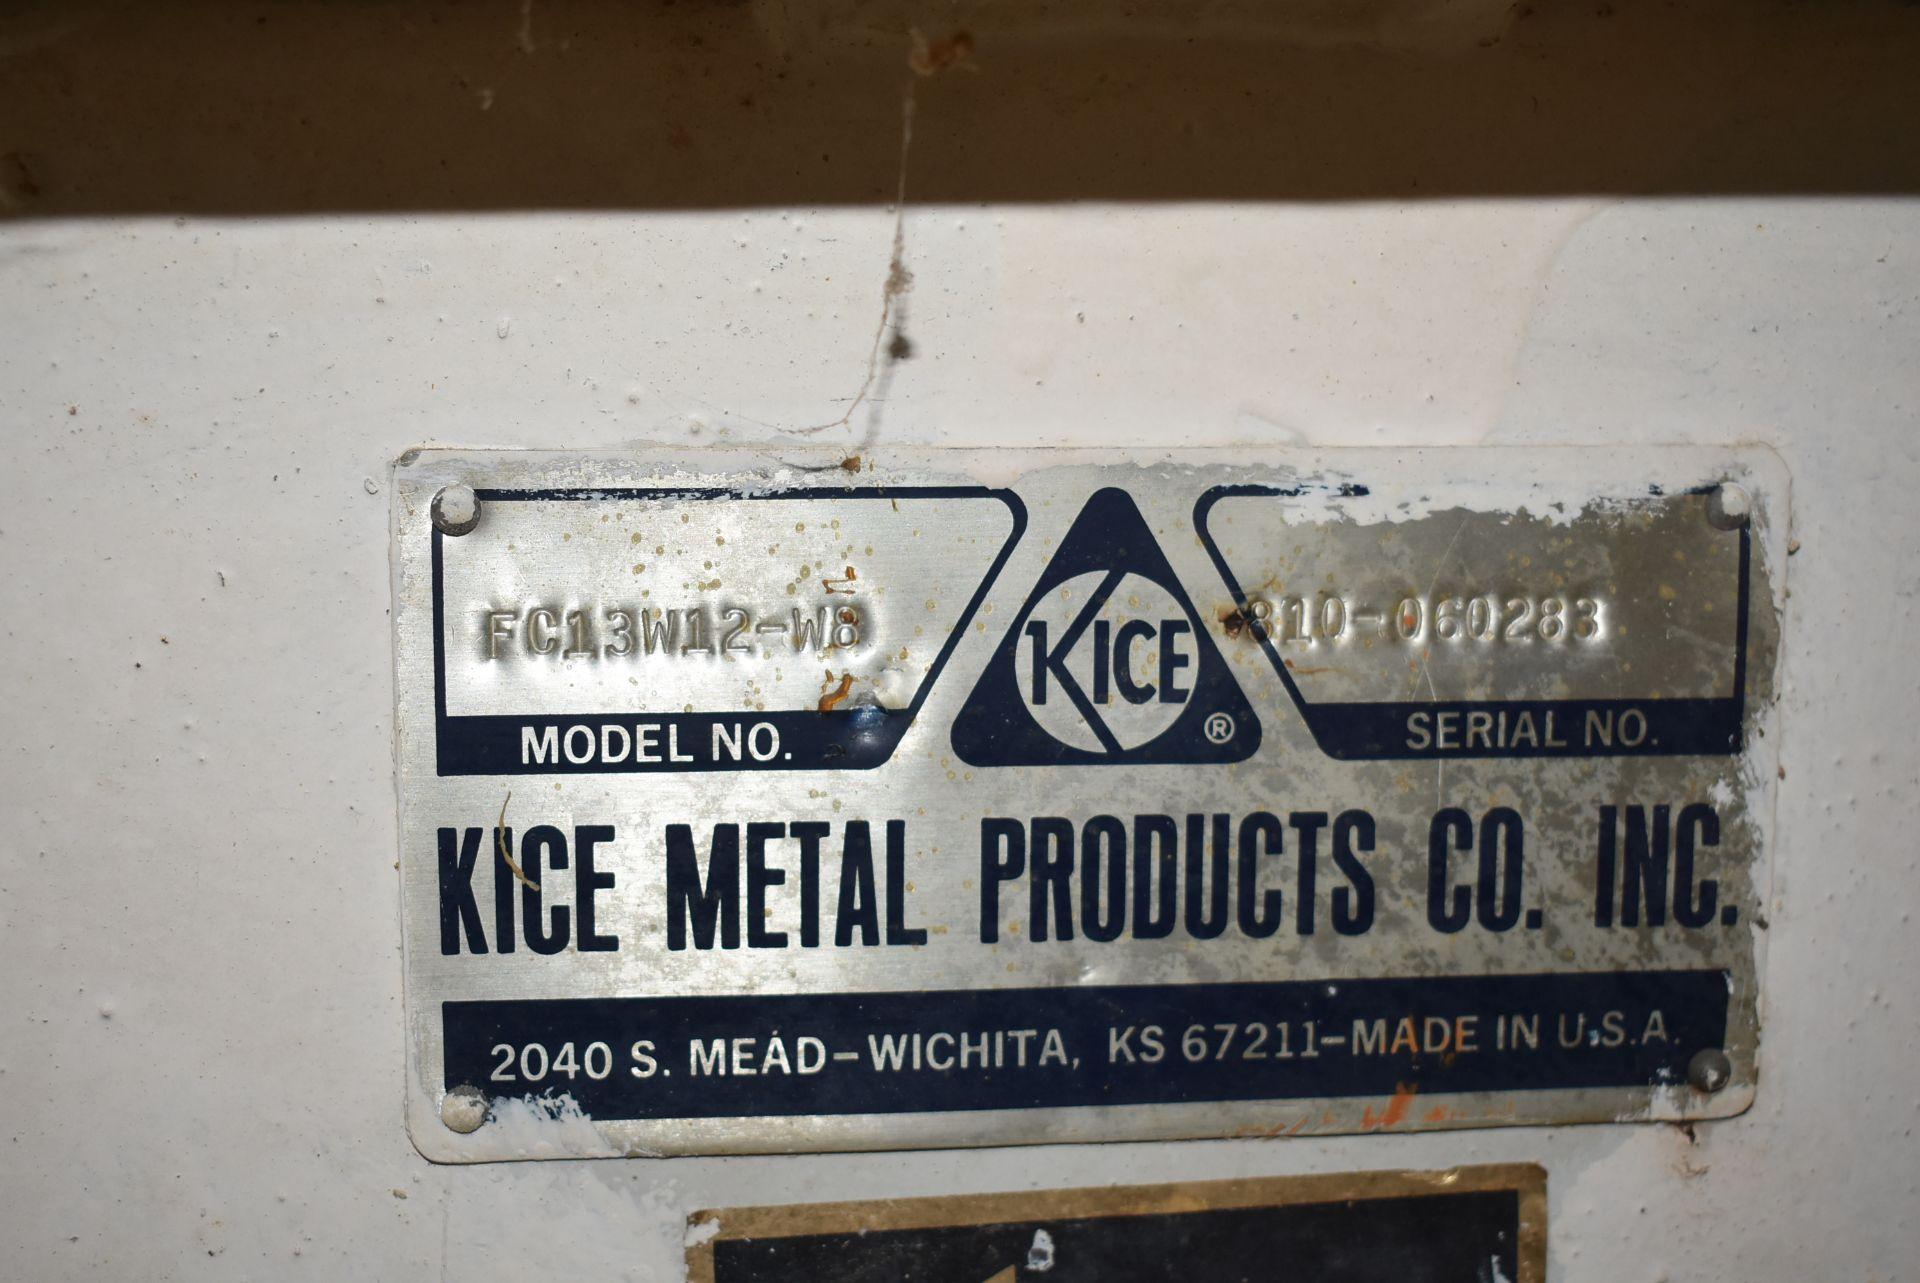 Kice Model #FC13W12-W8 Blower Unit, 15 HP Motor - Image 2 of 3